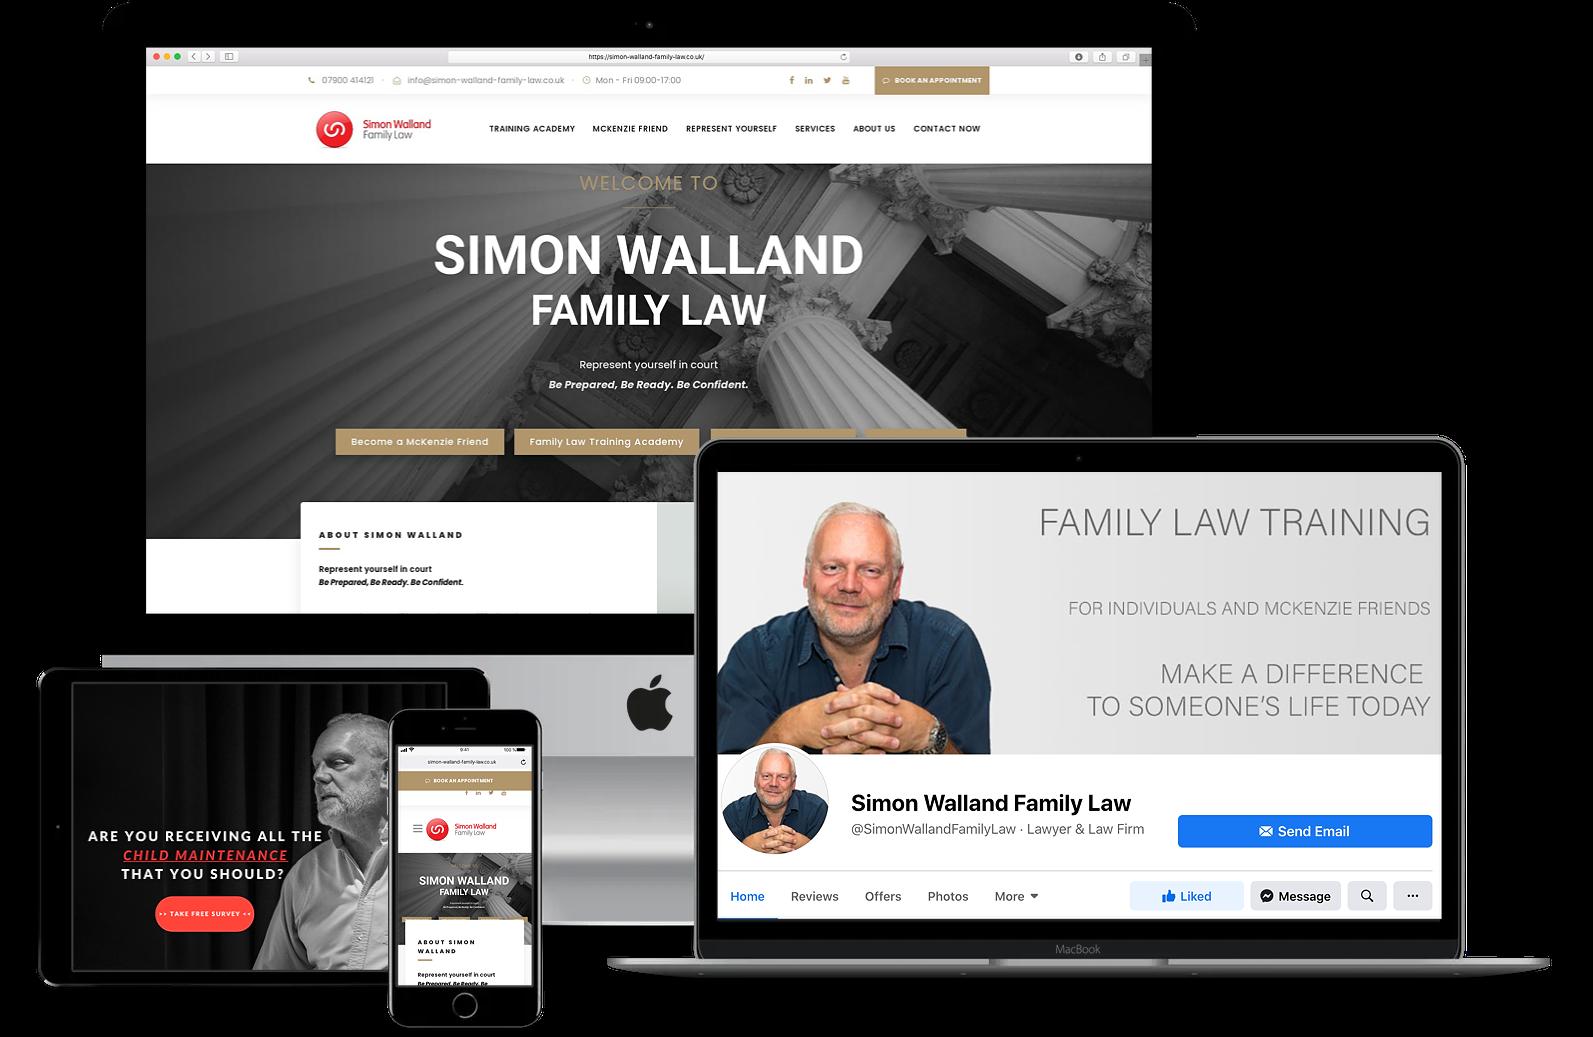 Simon Walland Family Law Facebook Ads